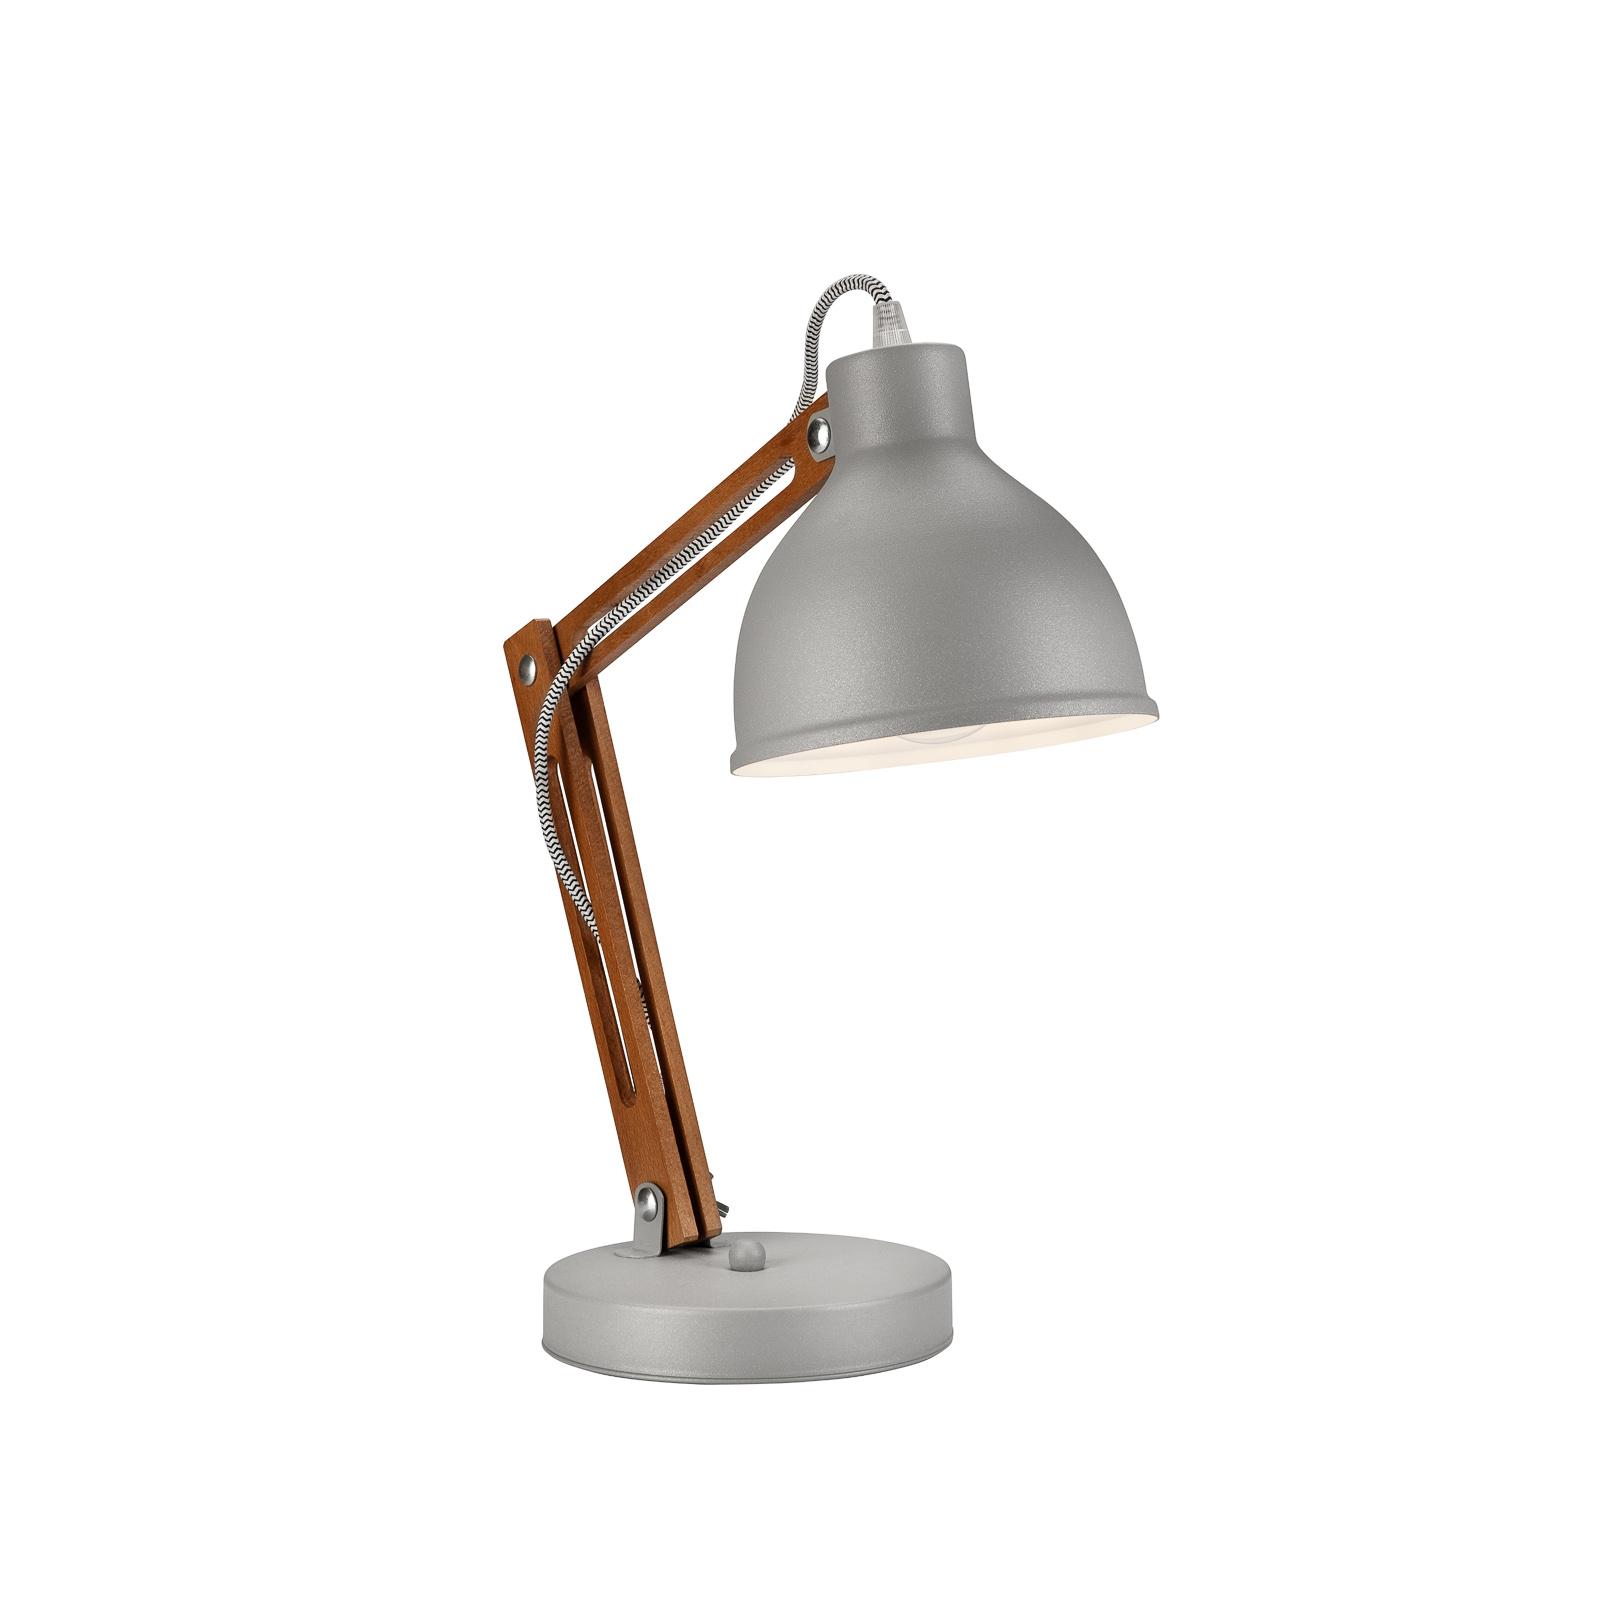 Lampe à poser Skansen réglable, grise